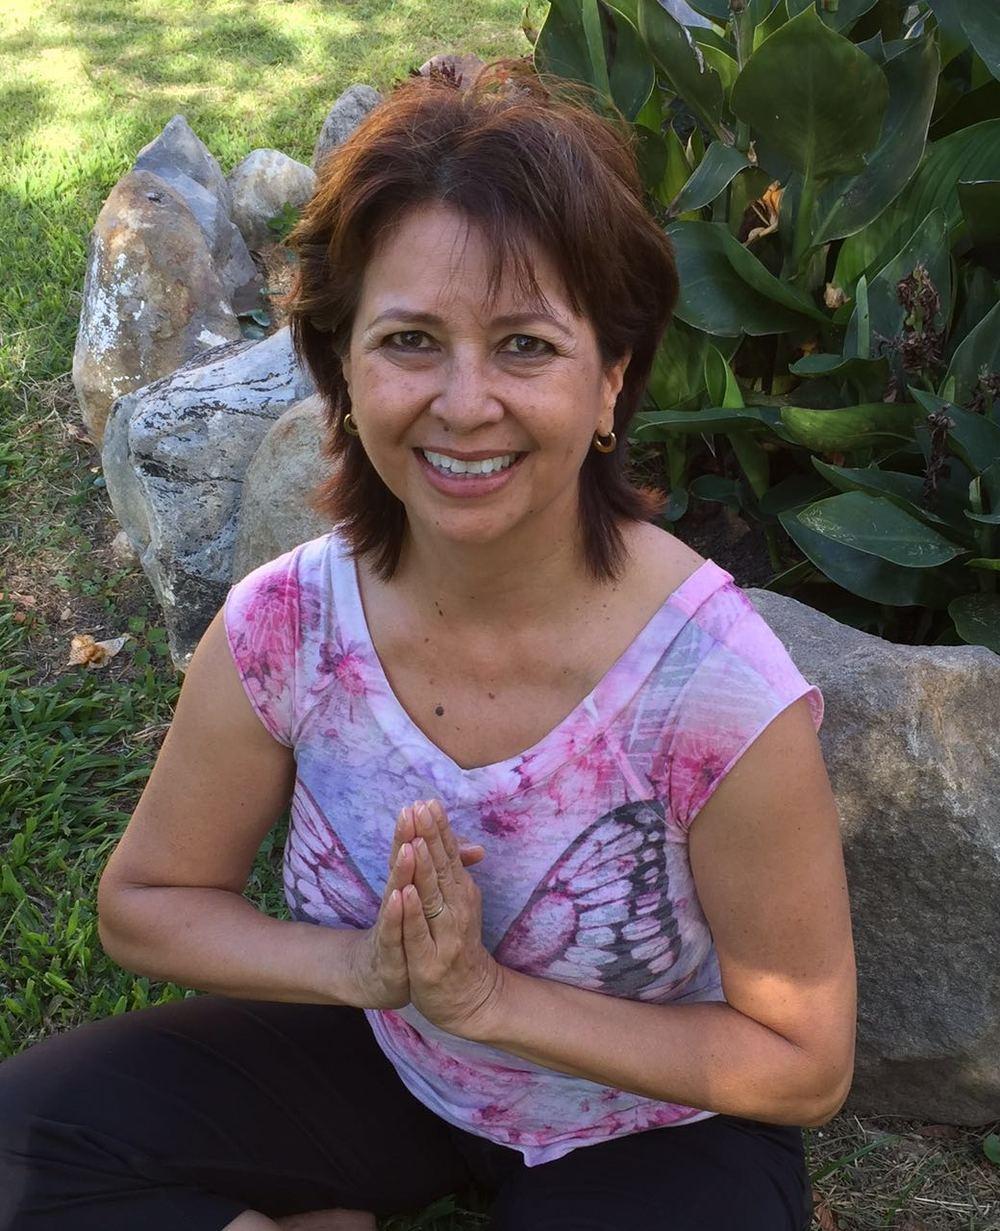 Doris Martinez,E-RYT - Doris comenzó su carrera en salud y fitness en 1980. Durante los últimos 36 años ella ha sido Instructora Certificada de Fitness Grupal, Instructora de Pilates, Personal Trainer, Consejera Nutricional y Master Trainer. Practica yoga desde hace 10 años y realizó el Profesorado de Yoga de 200 horas de la Yoga Alliance en San Francisco, California.Forrest Yoga, de los diversos tipos de prácticas que hay, es la que más resonó con Doris. Forrest Yoga fue creado por Ana T. Forrest. Es un estilo de yoga moderno basado en Hatha yoga que se apoya en cuatro pilares - Respiración, Fuerza, Integridad y Espíritu. Es conocido por sus largas posturas de retención, trabajo abdominal y desafiantes series de pie.De acuerdo con la Filosofía del Forrest Yoga, Doris desea guiarte para profundizar y encontrar tu verdad y animarte a disfrutar los frutos que has cosechado en el mat, más allá del mat y en el resto de tu vida.